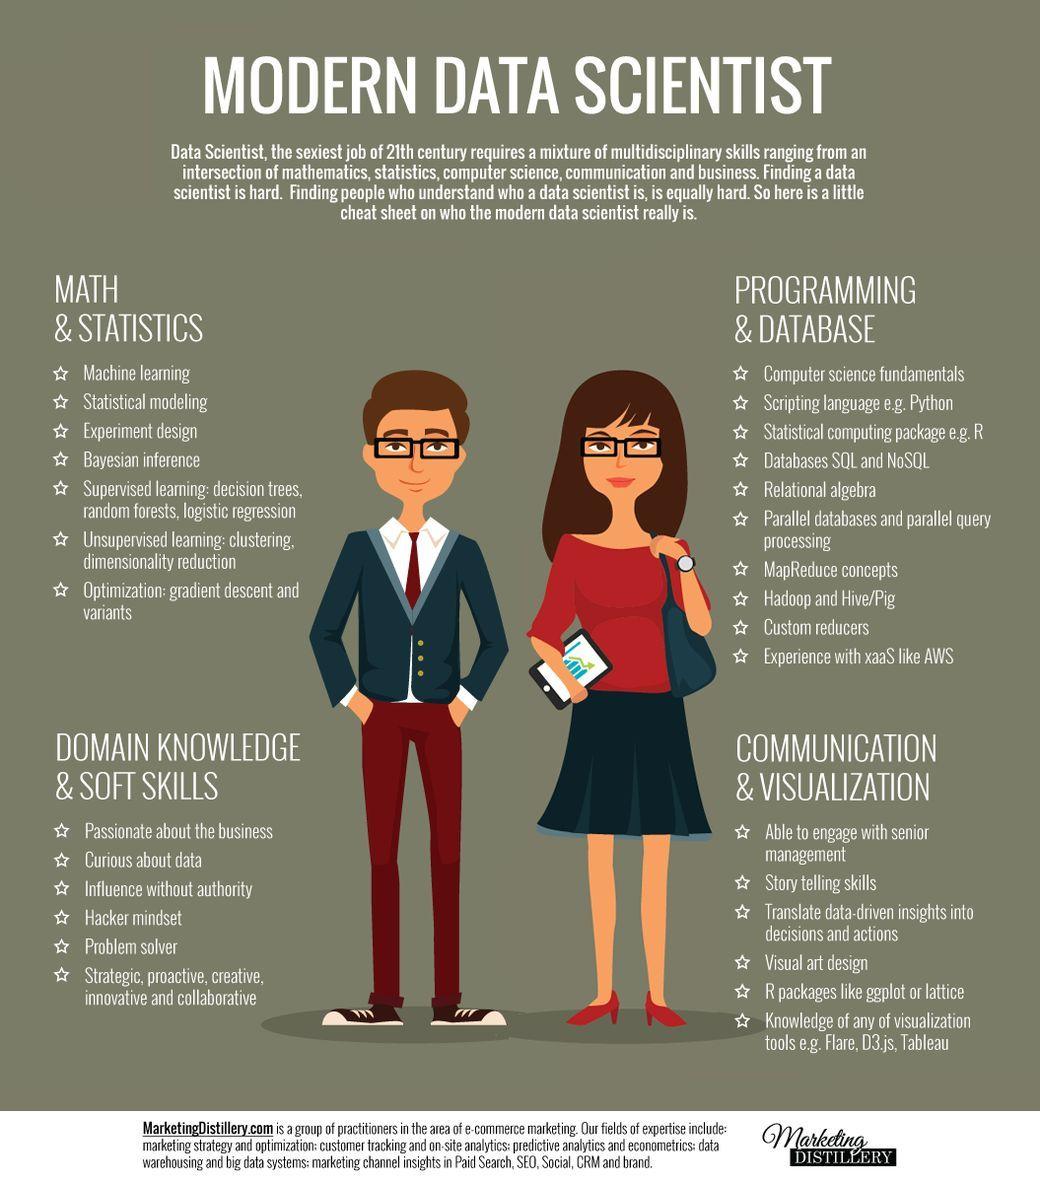 观点 几个月就能化身为数据科学家?不存在的